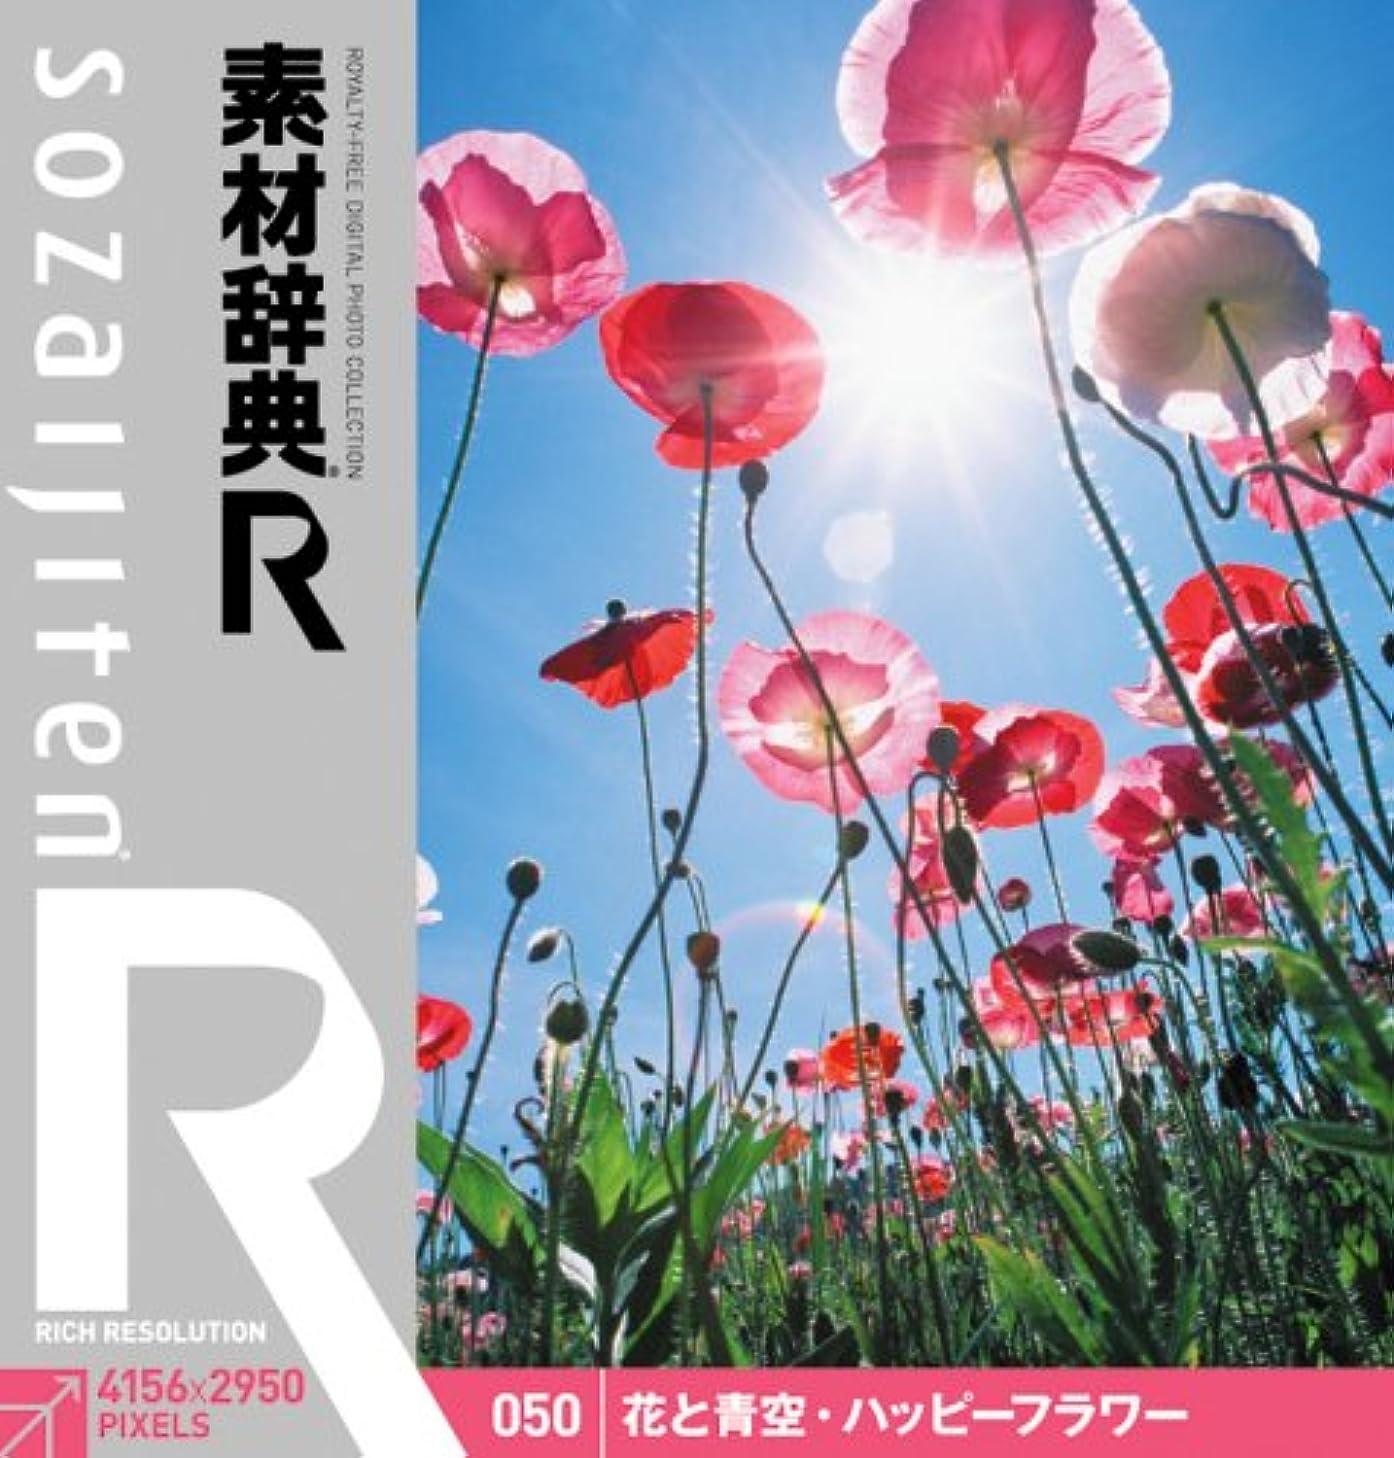 でる療法食用素材辞典[R(アール)] 050 花と青空?ハッピーフラワー